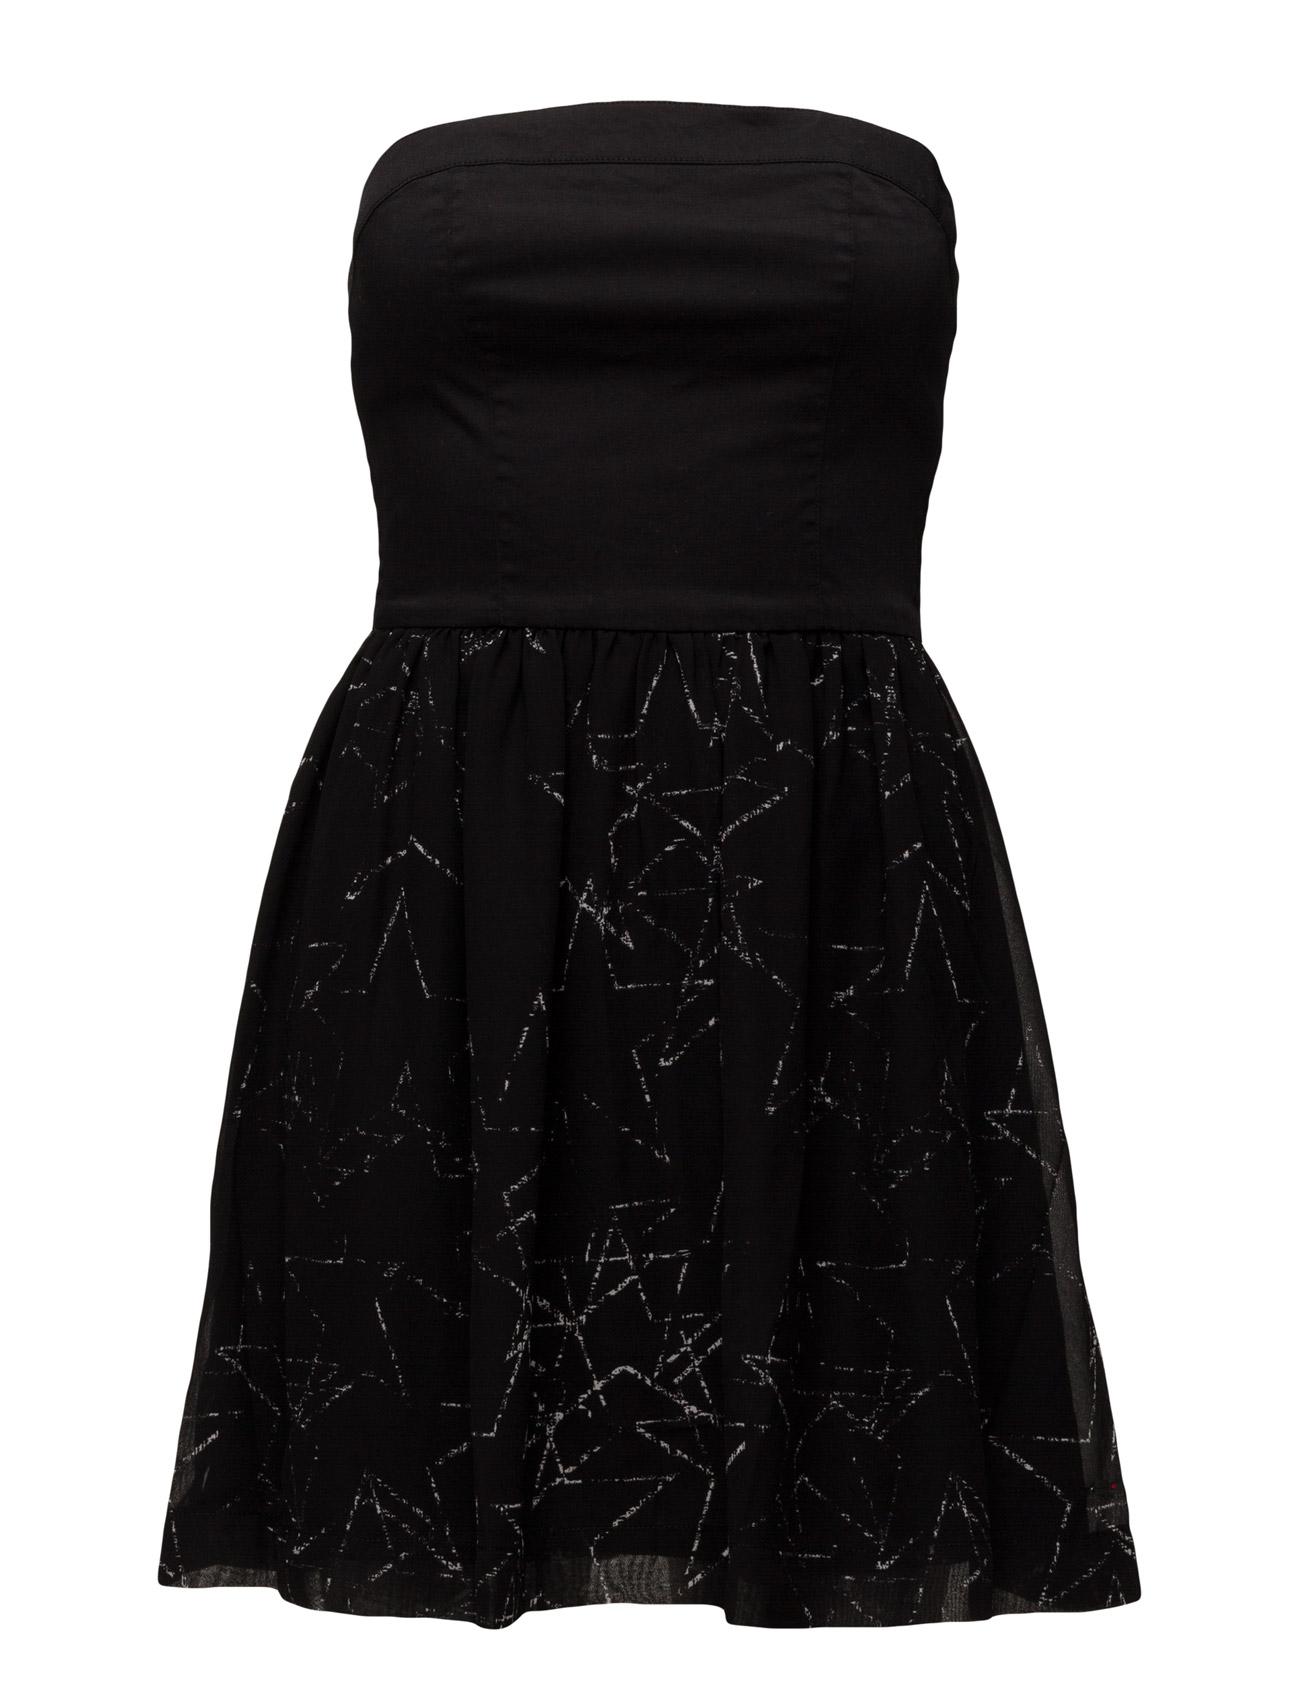 Quadira Dress Strapless Hilfiger Denim Korte kjoler til Damer i Sort